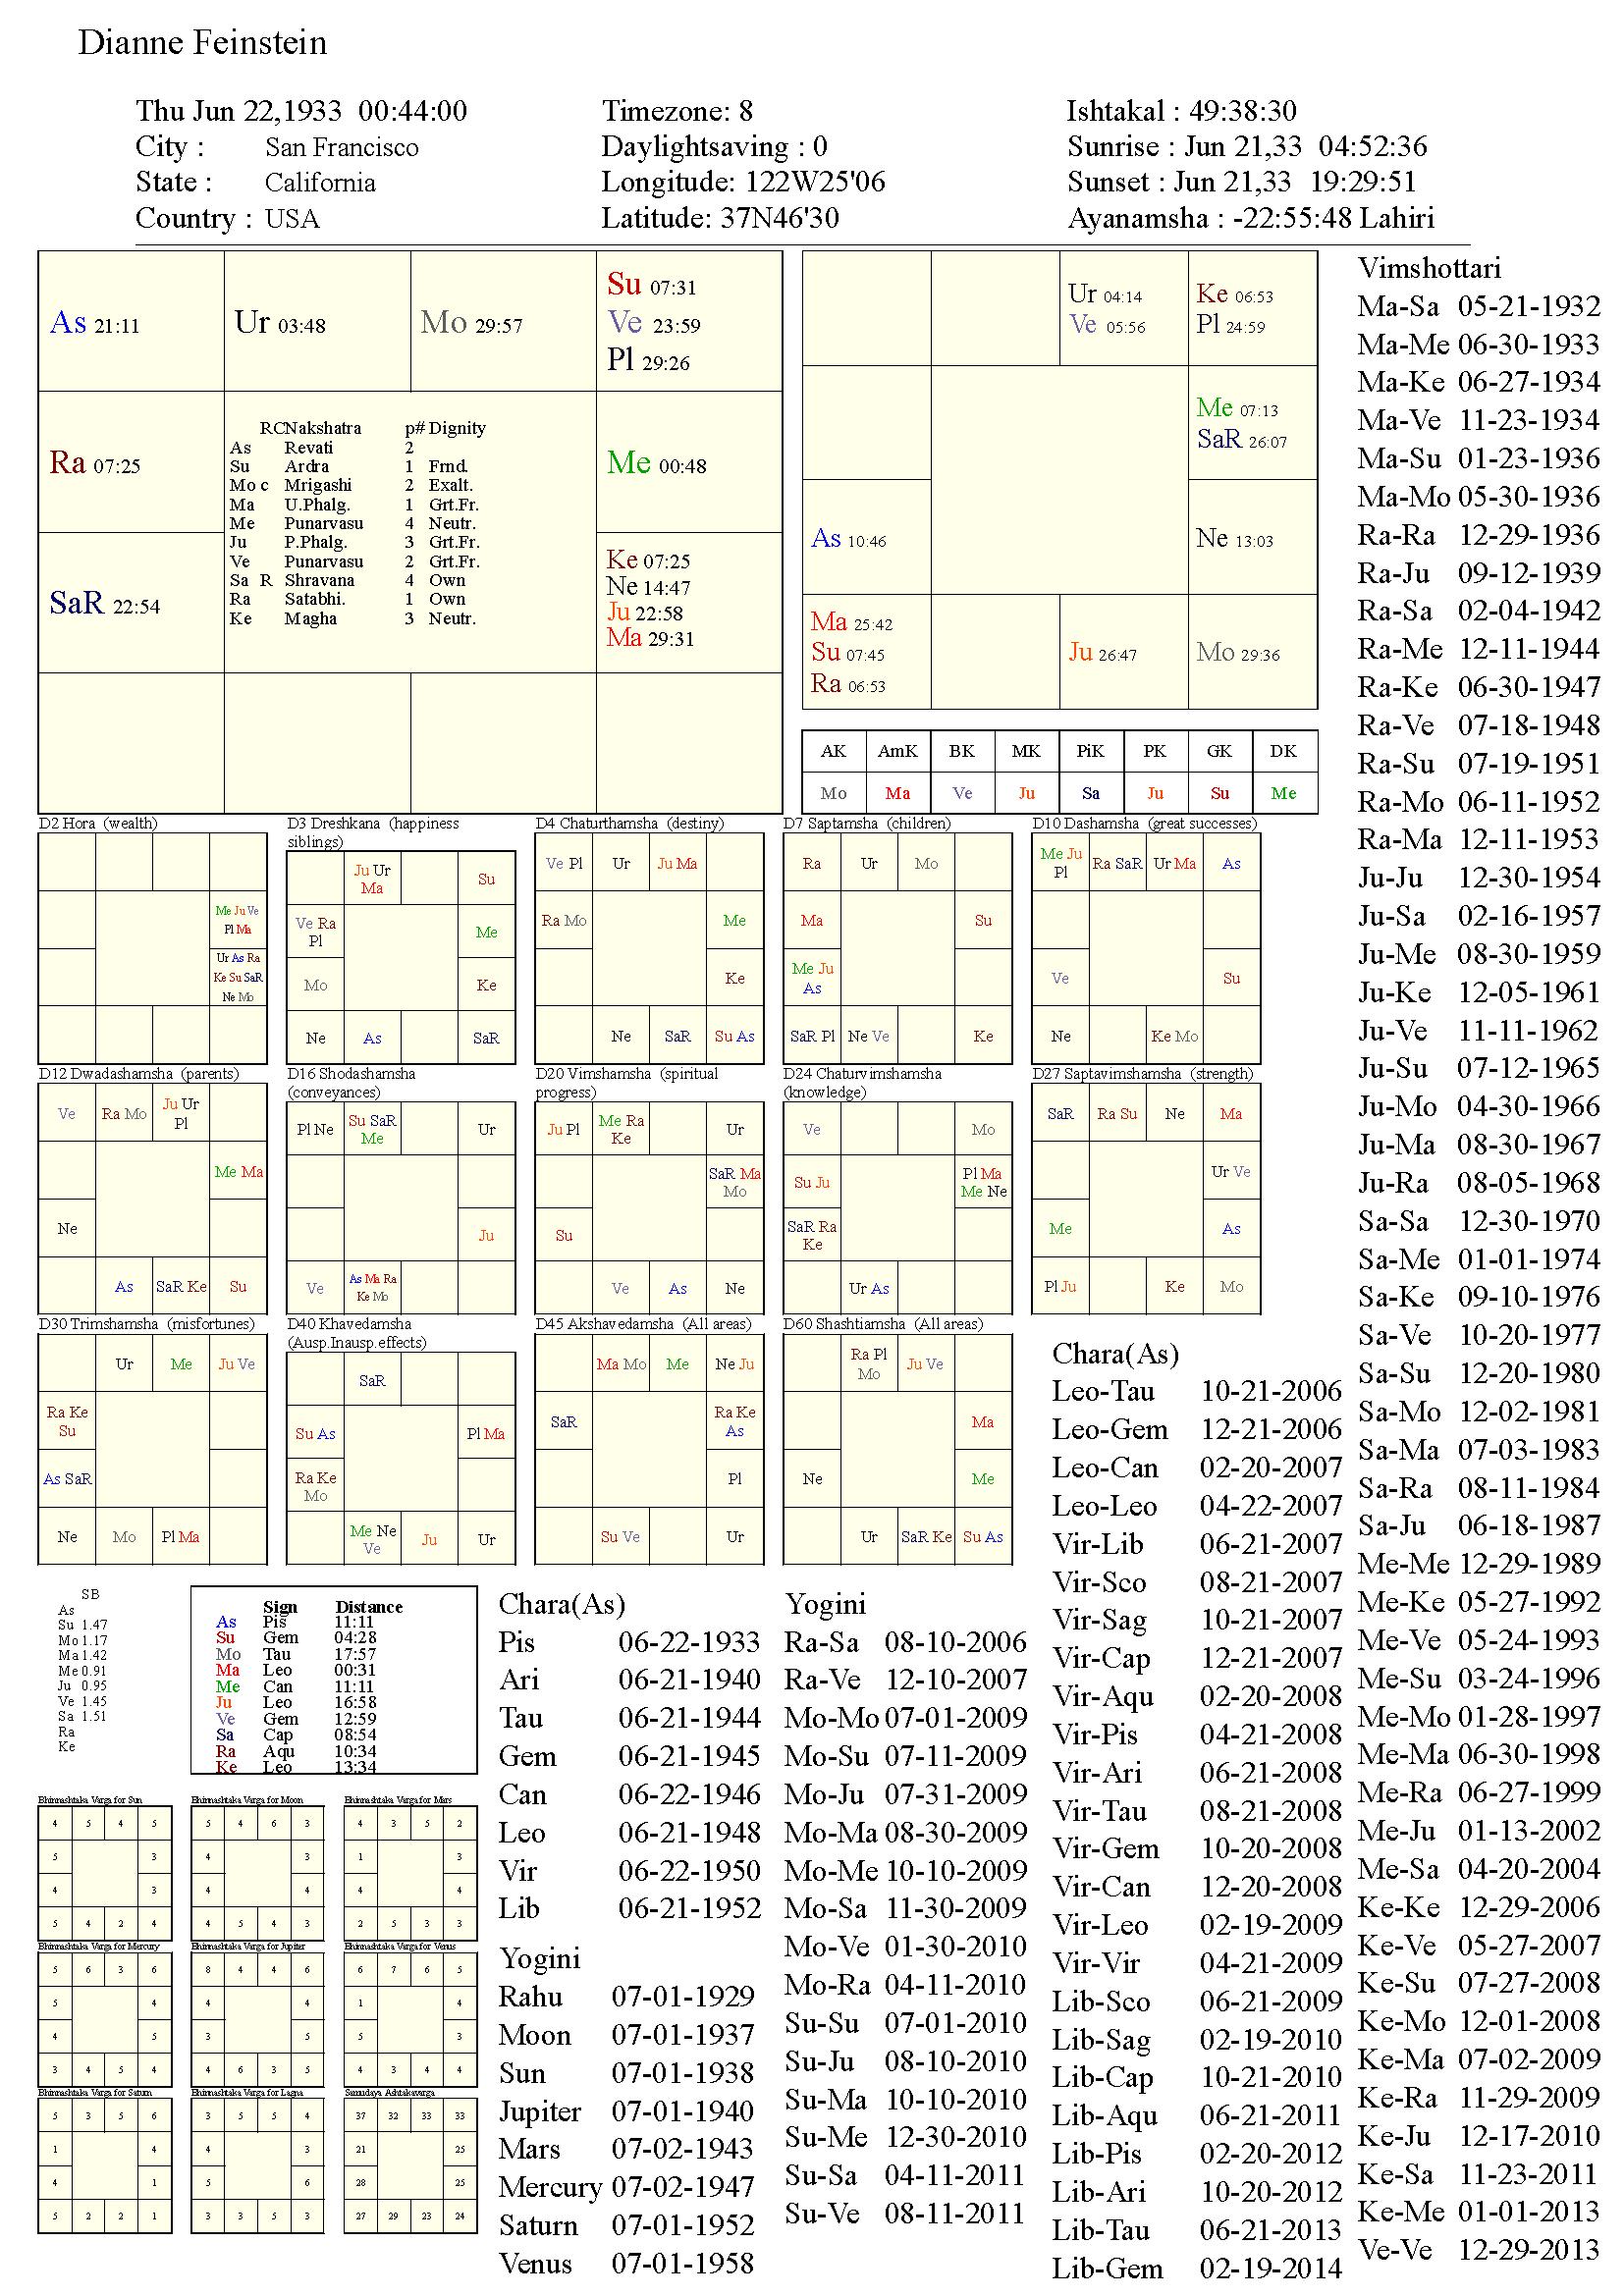 diannefeinstein_chart